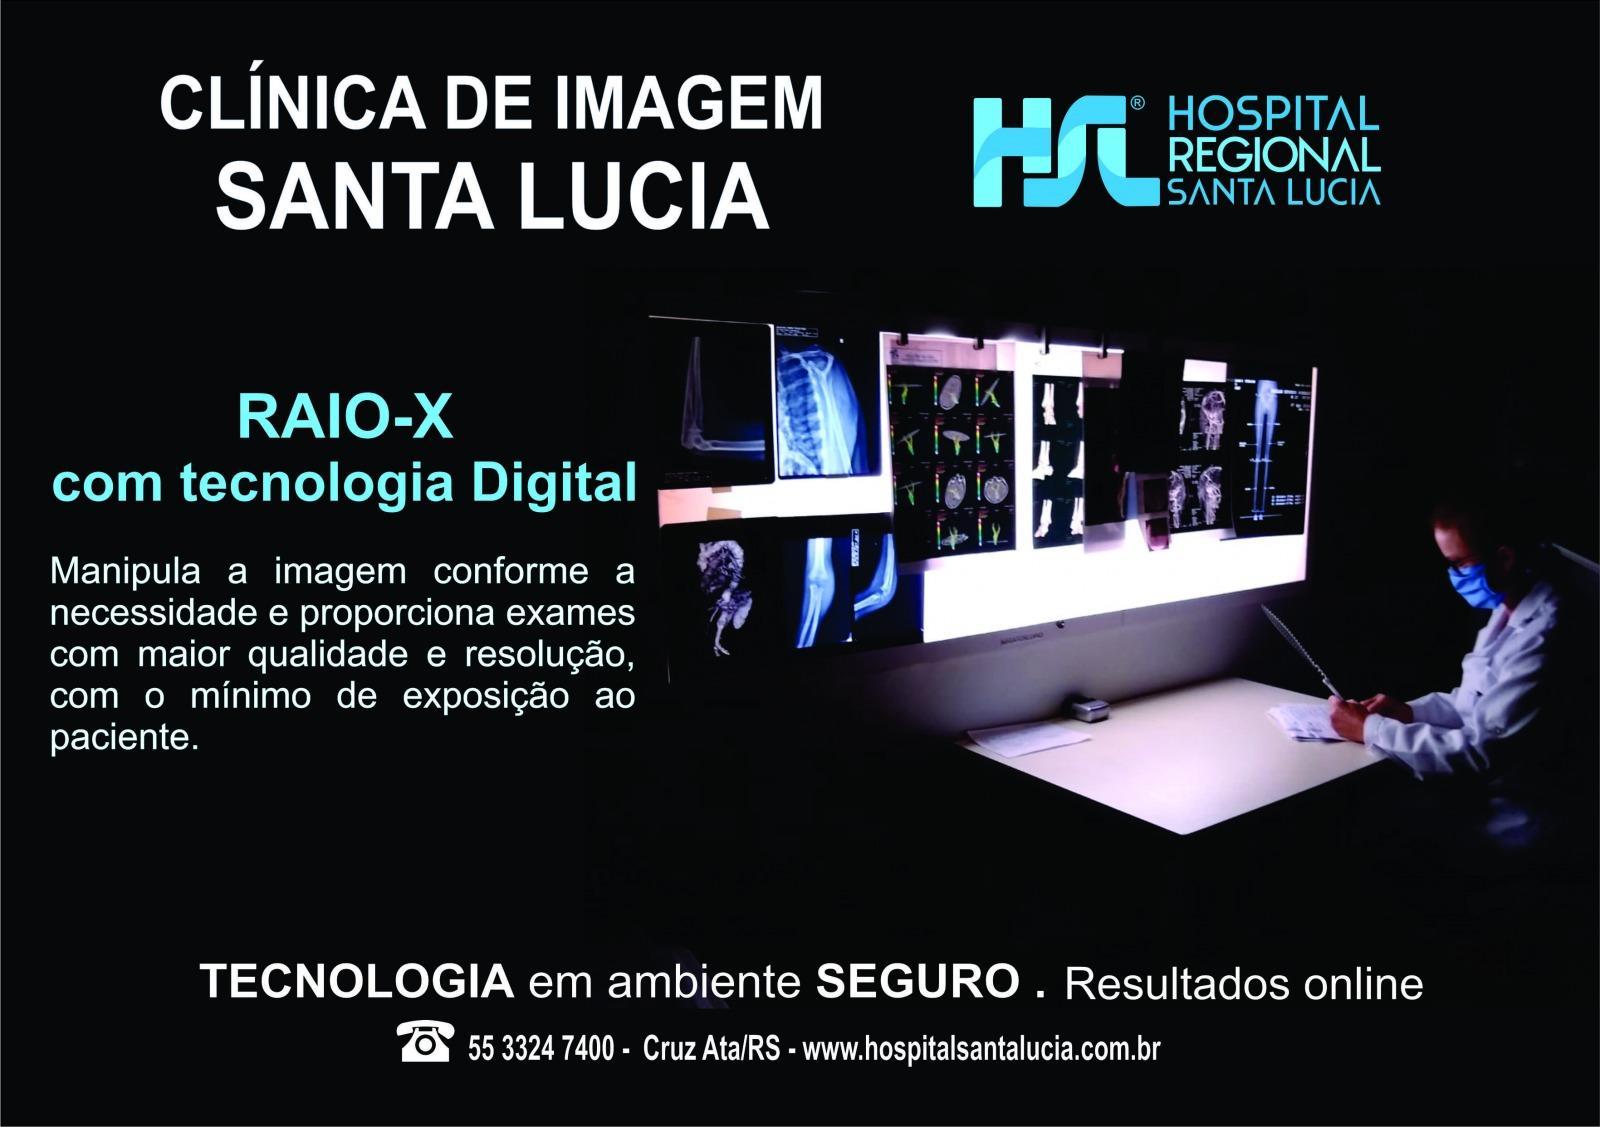 Clinica de Imagens Santa Lucia